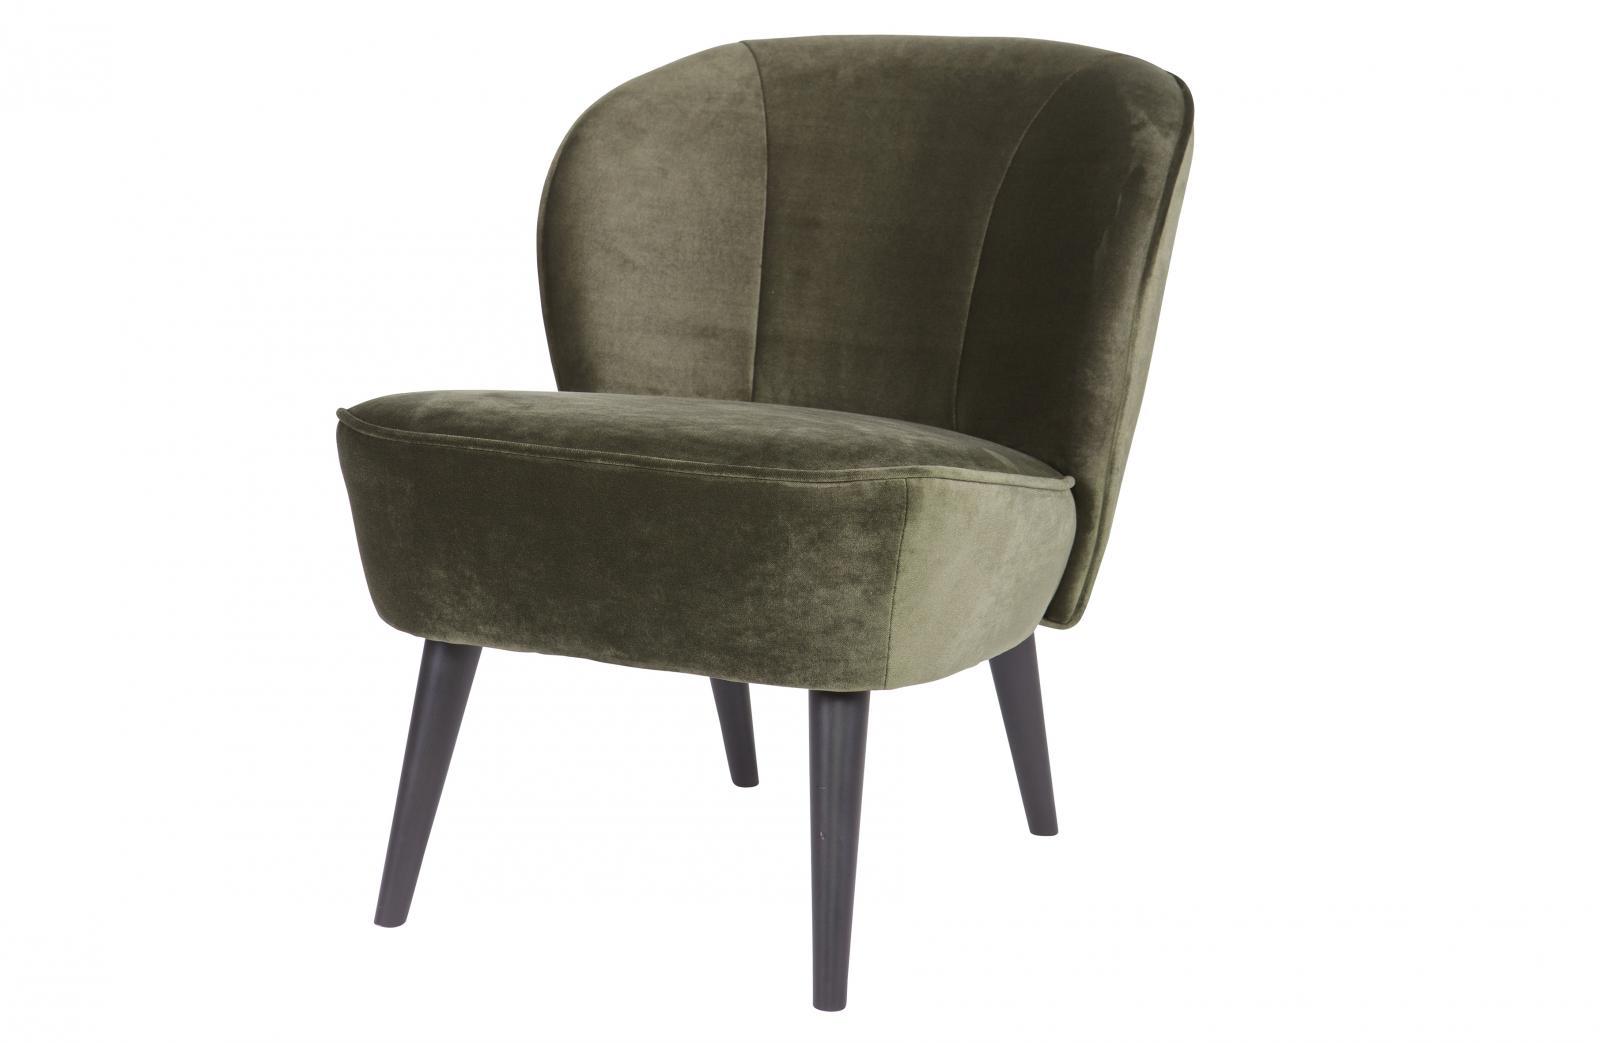 woood sara sessel samt hei en gr n. Black Bedroom Furniture Sets. Home Design Ideas